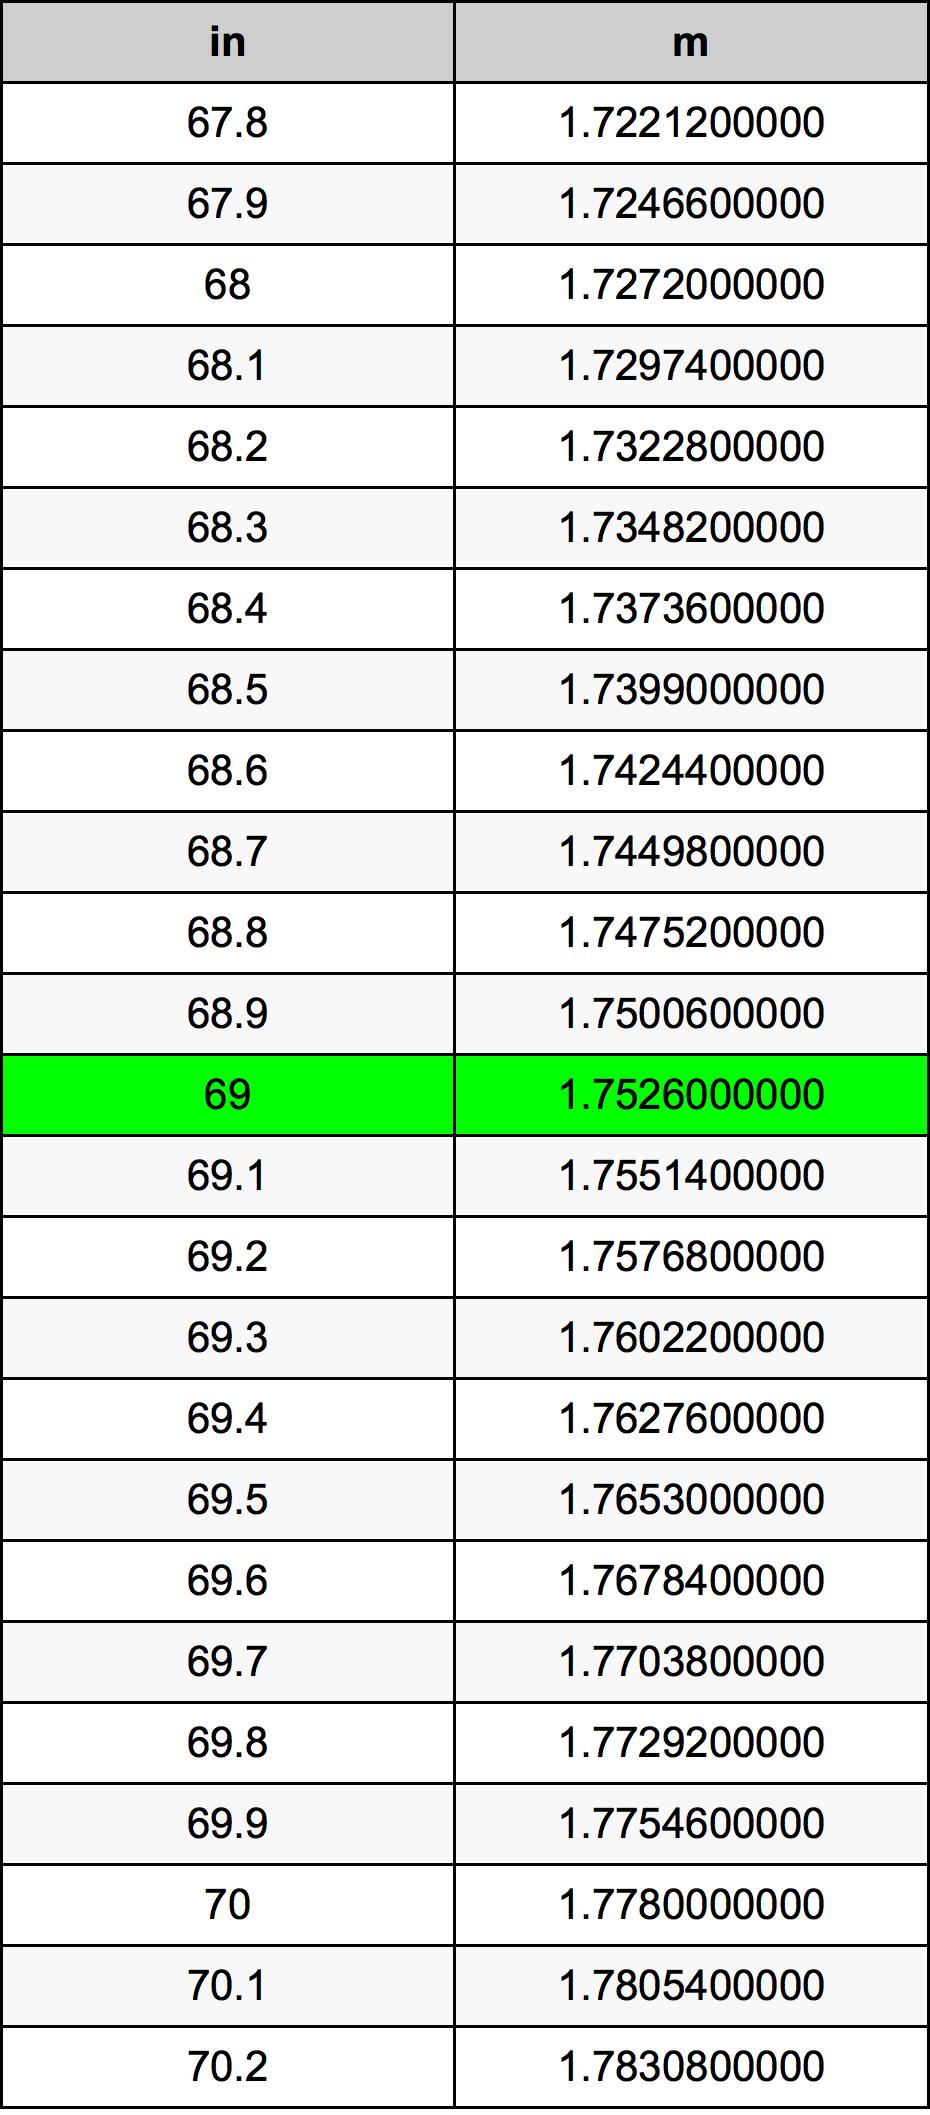 69 Pulzier konverżjoni tabella